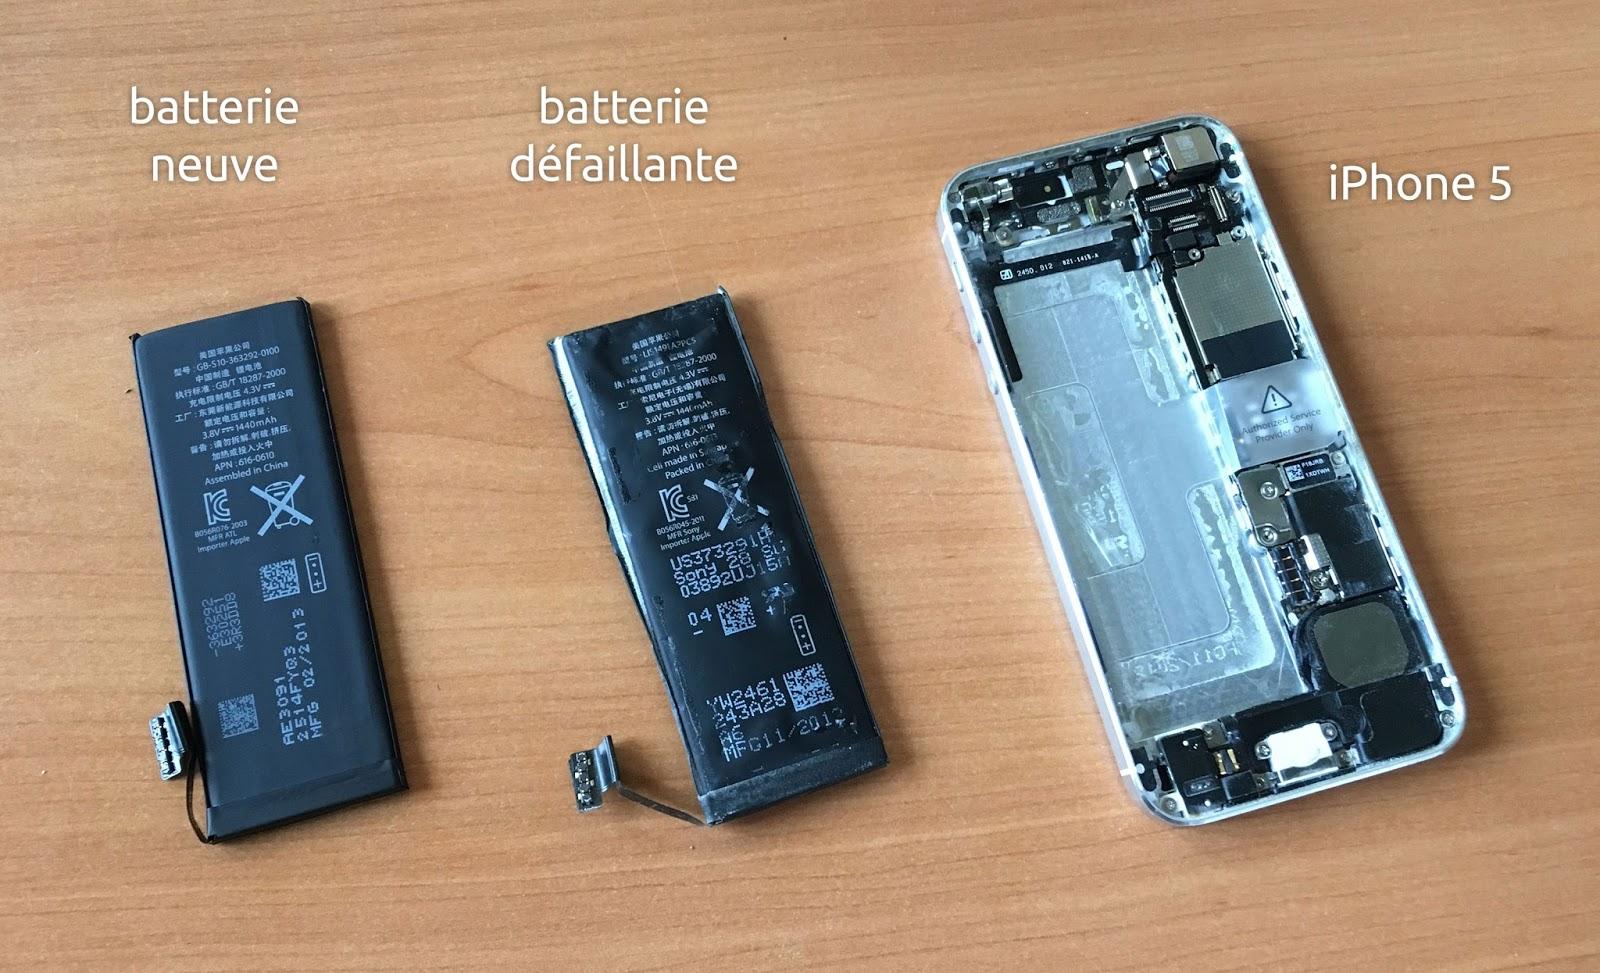 changer la batterie de l 39 iphone 5 matt le bougnat. Black Bedroom Furniture Sets. Home Design Ideas